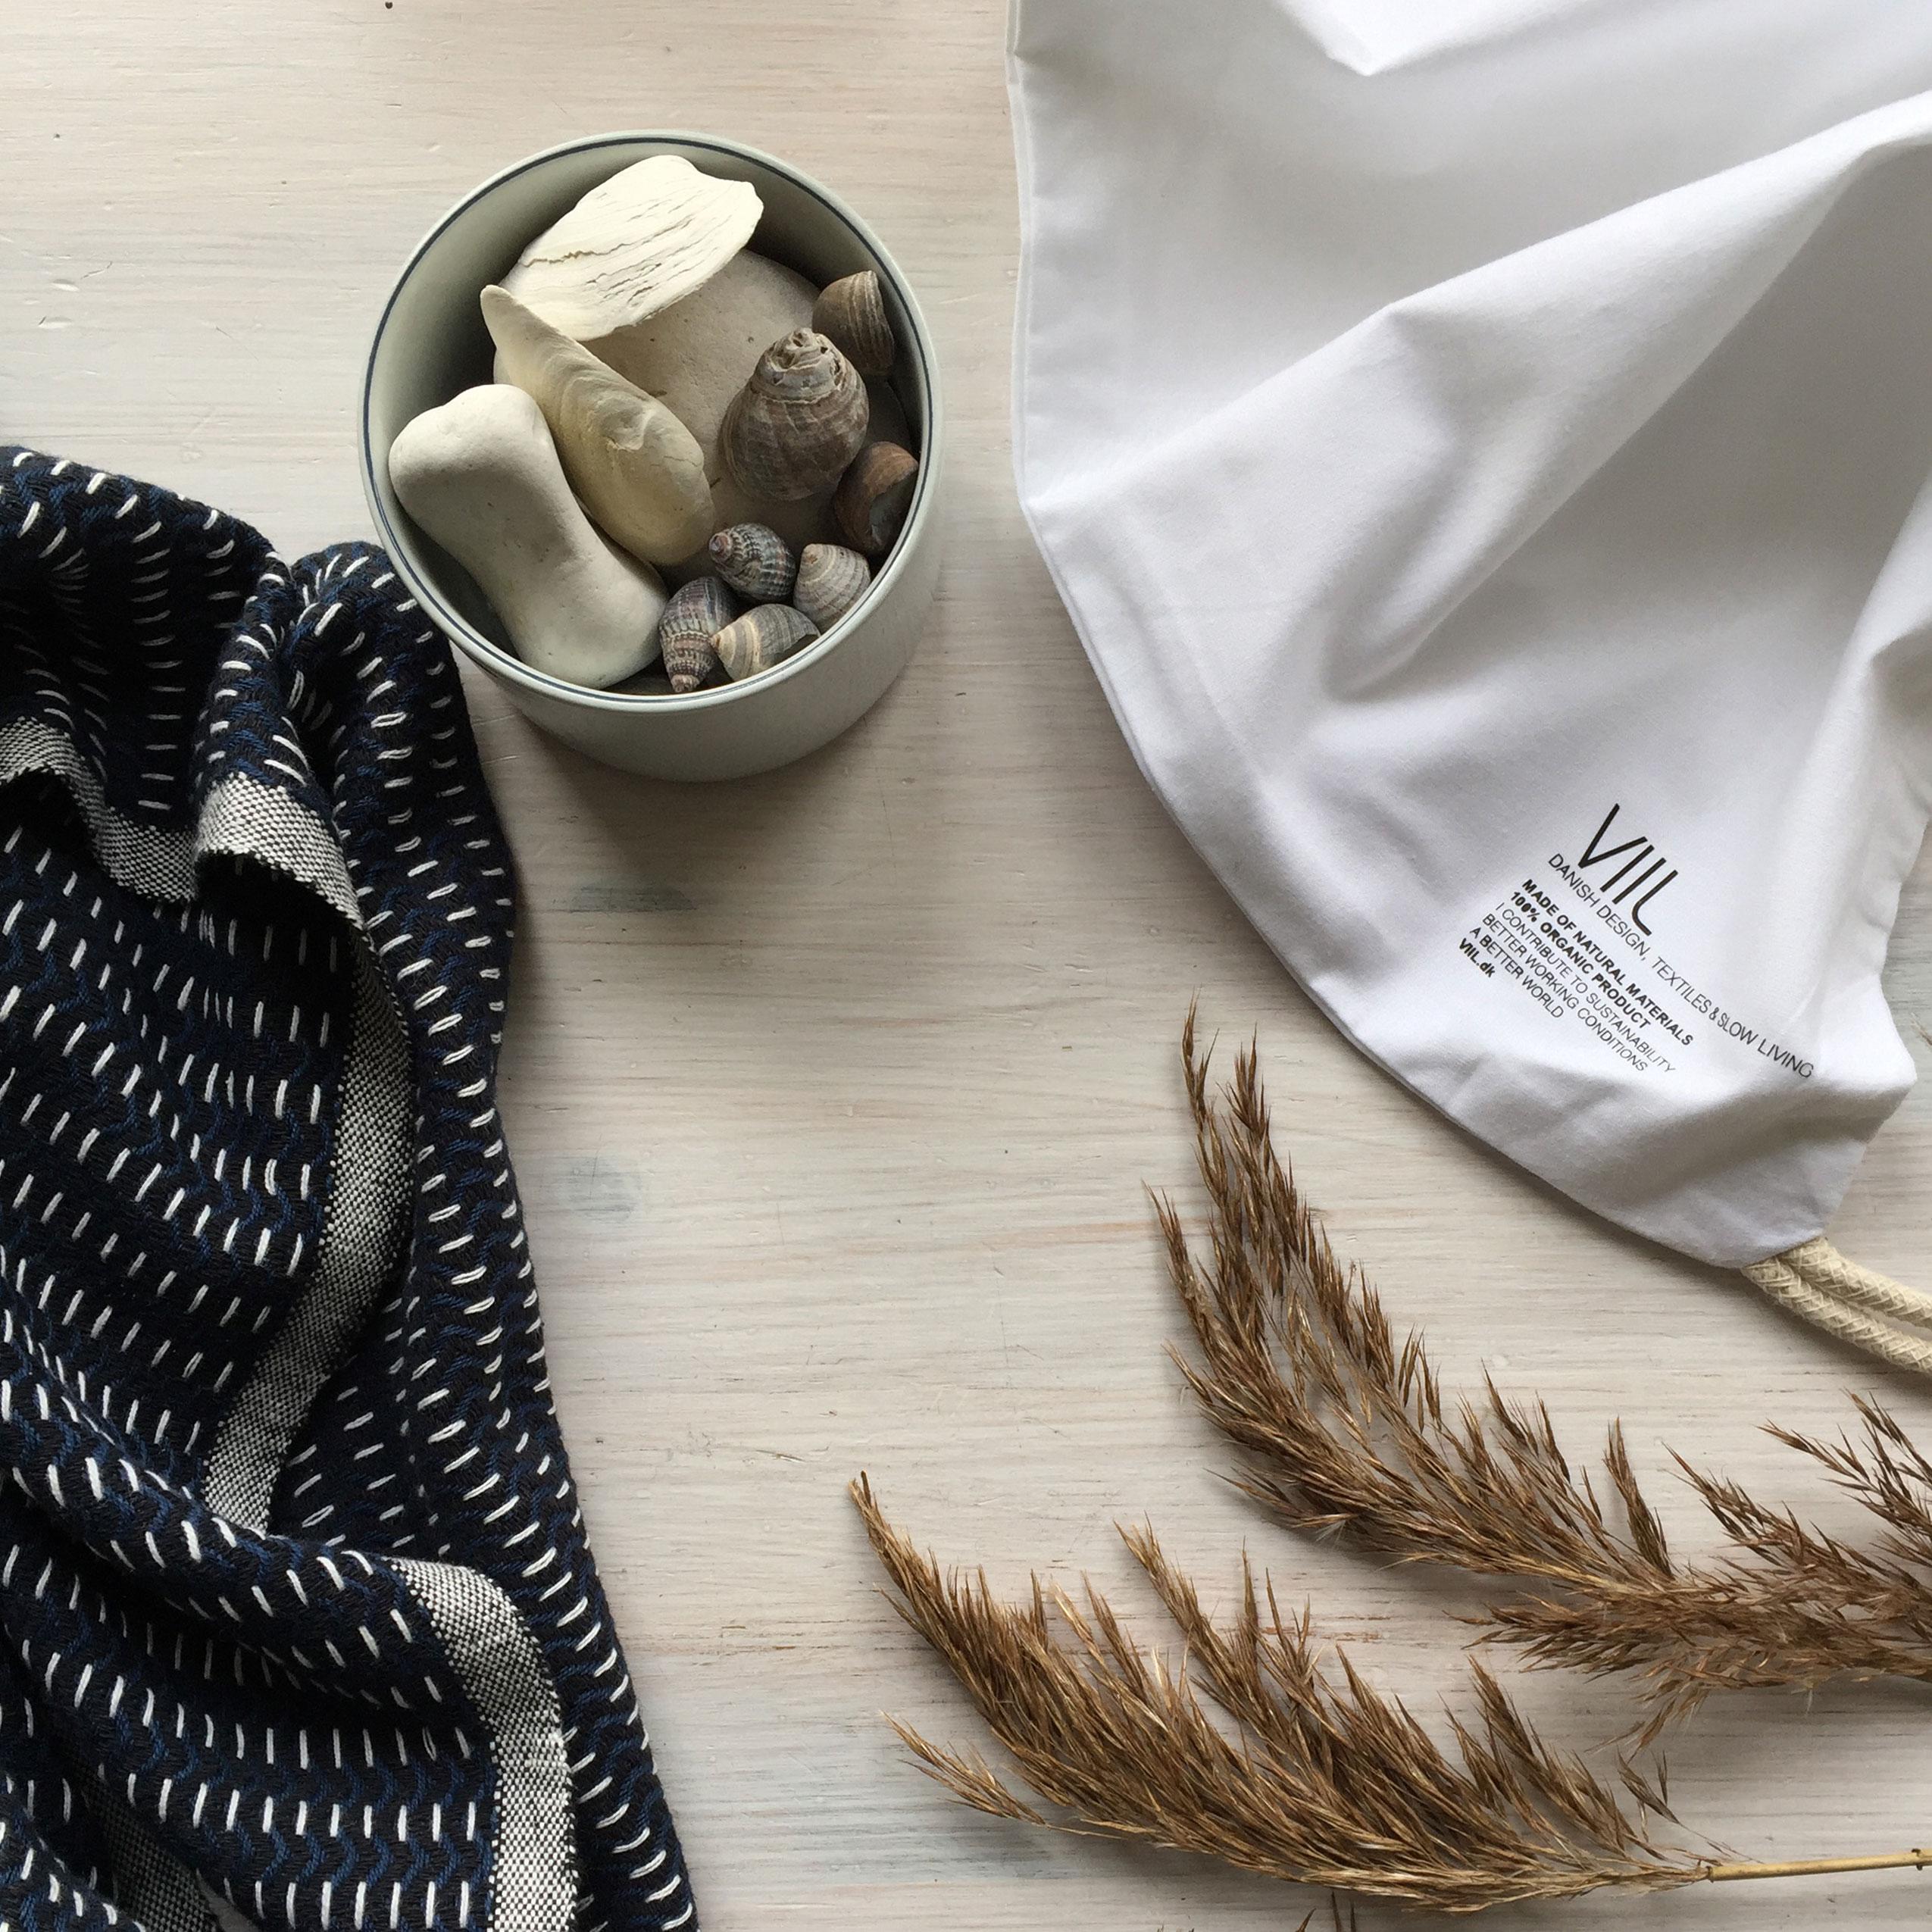 Boligtilbehoer, tekstiler og dansk design fra VIIL